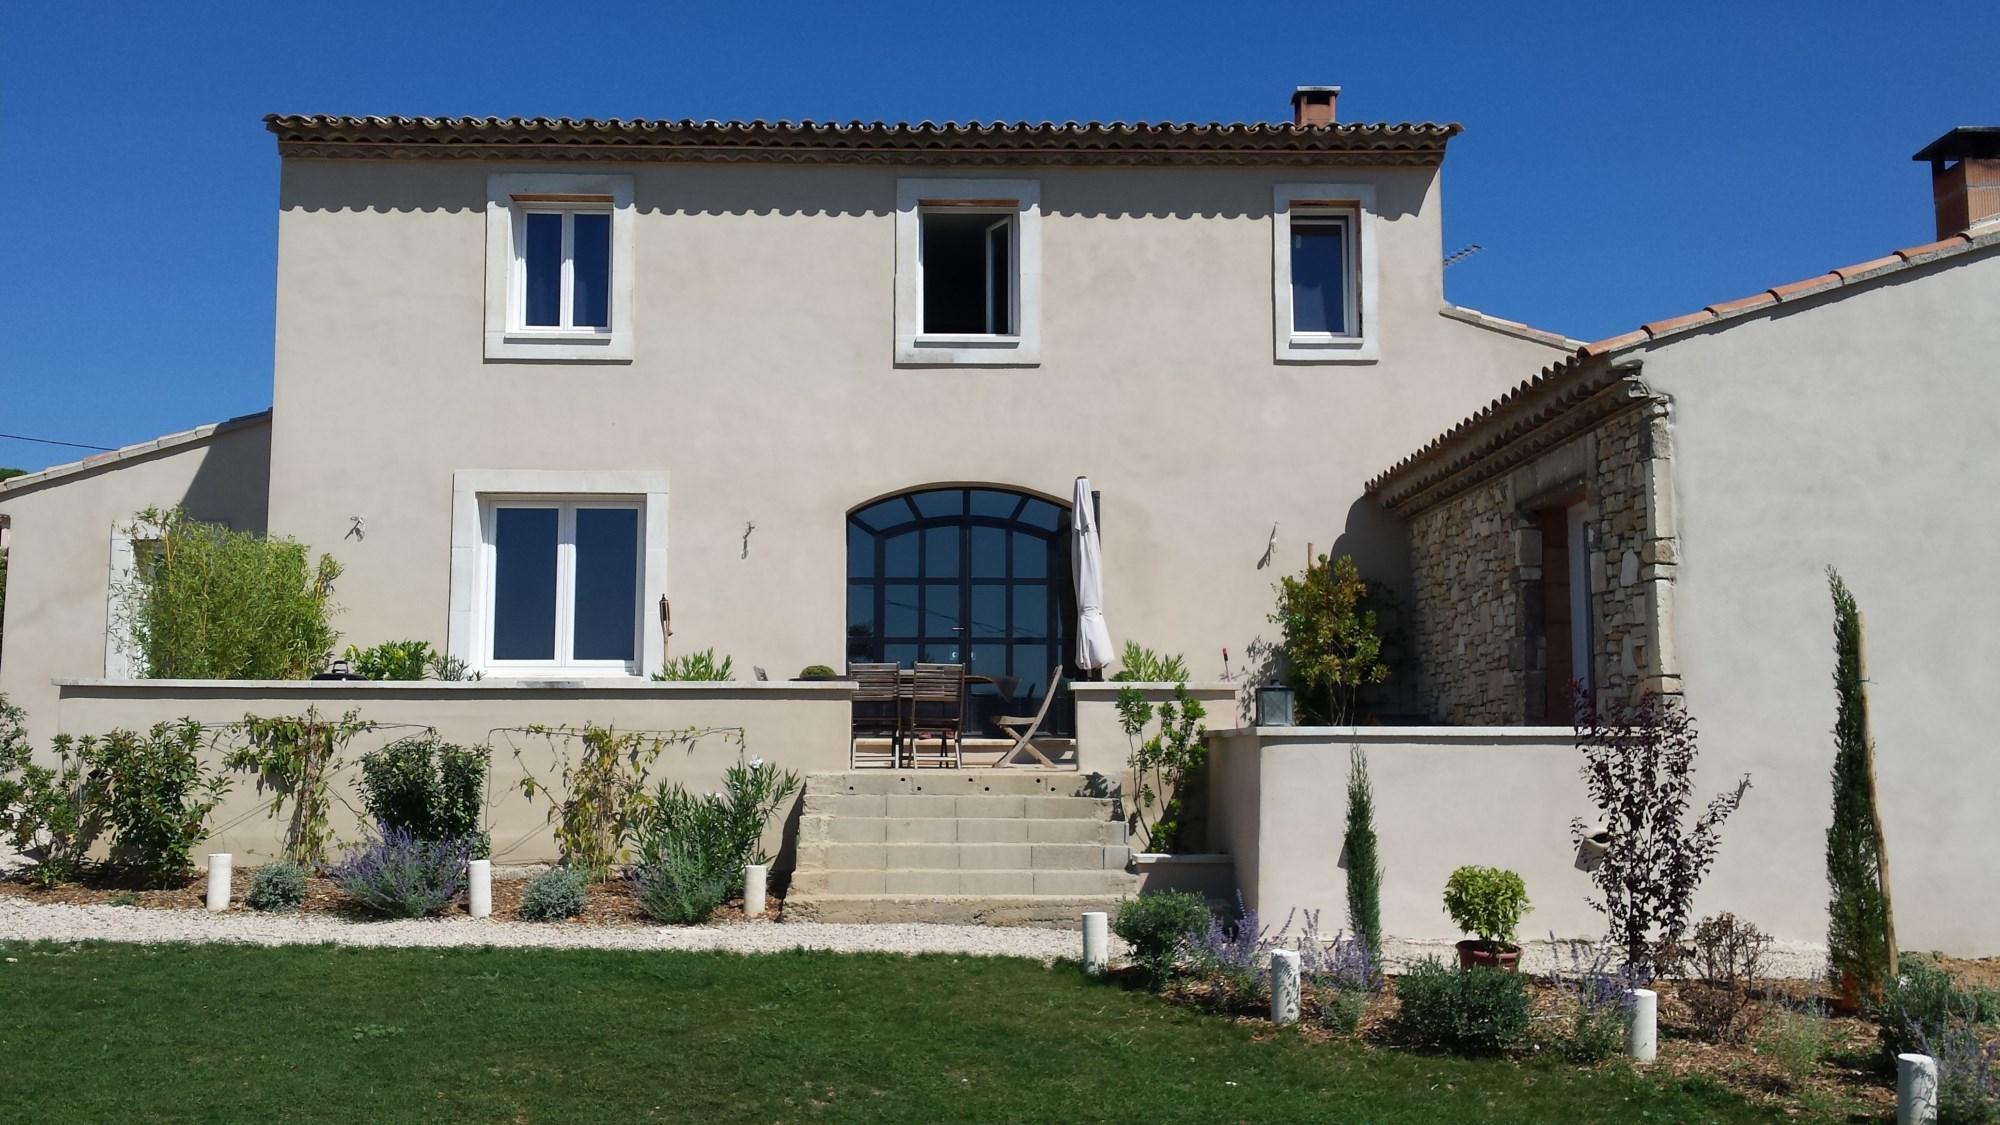 A vendre aux abords d'un beau village perché du Luberon,  maison neuve avec jardin plein sud,  intérieur moderne et lumineux